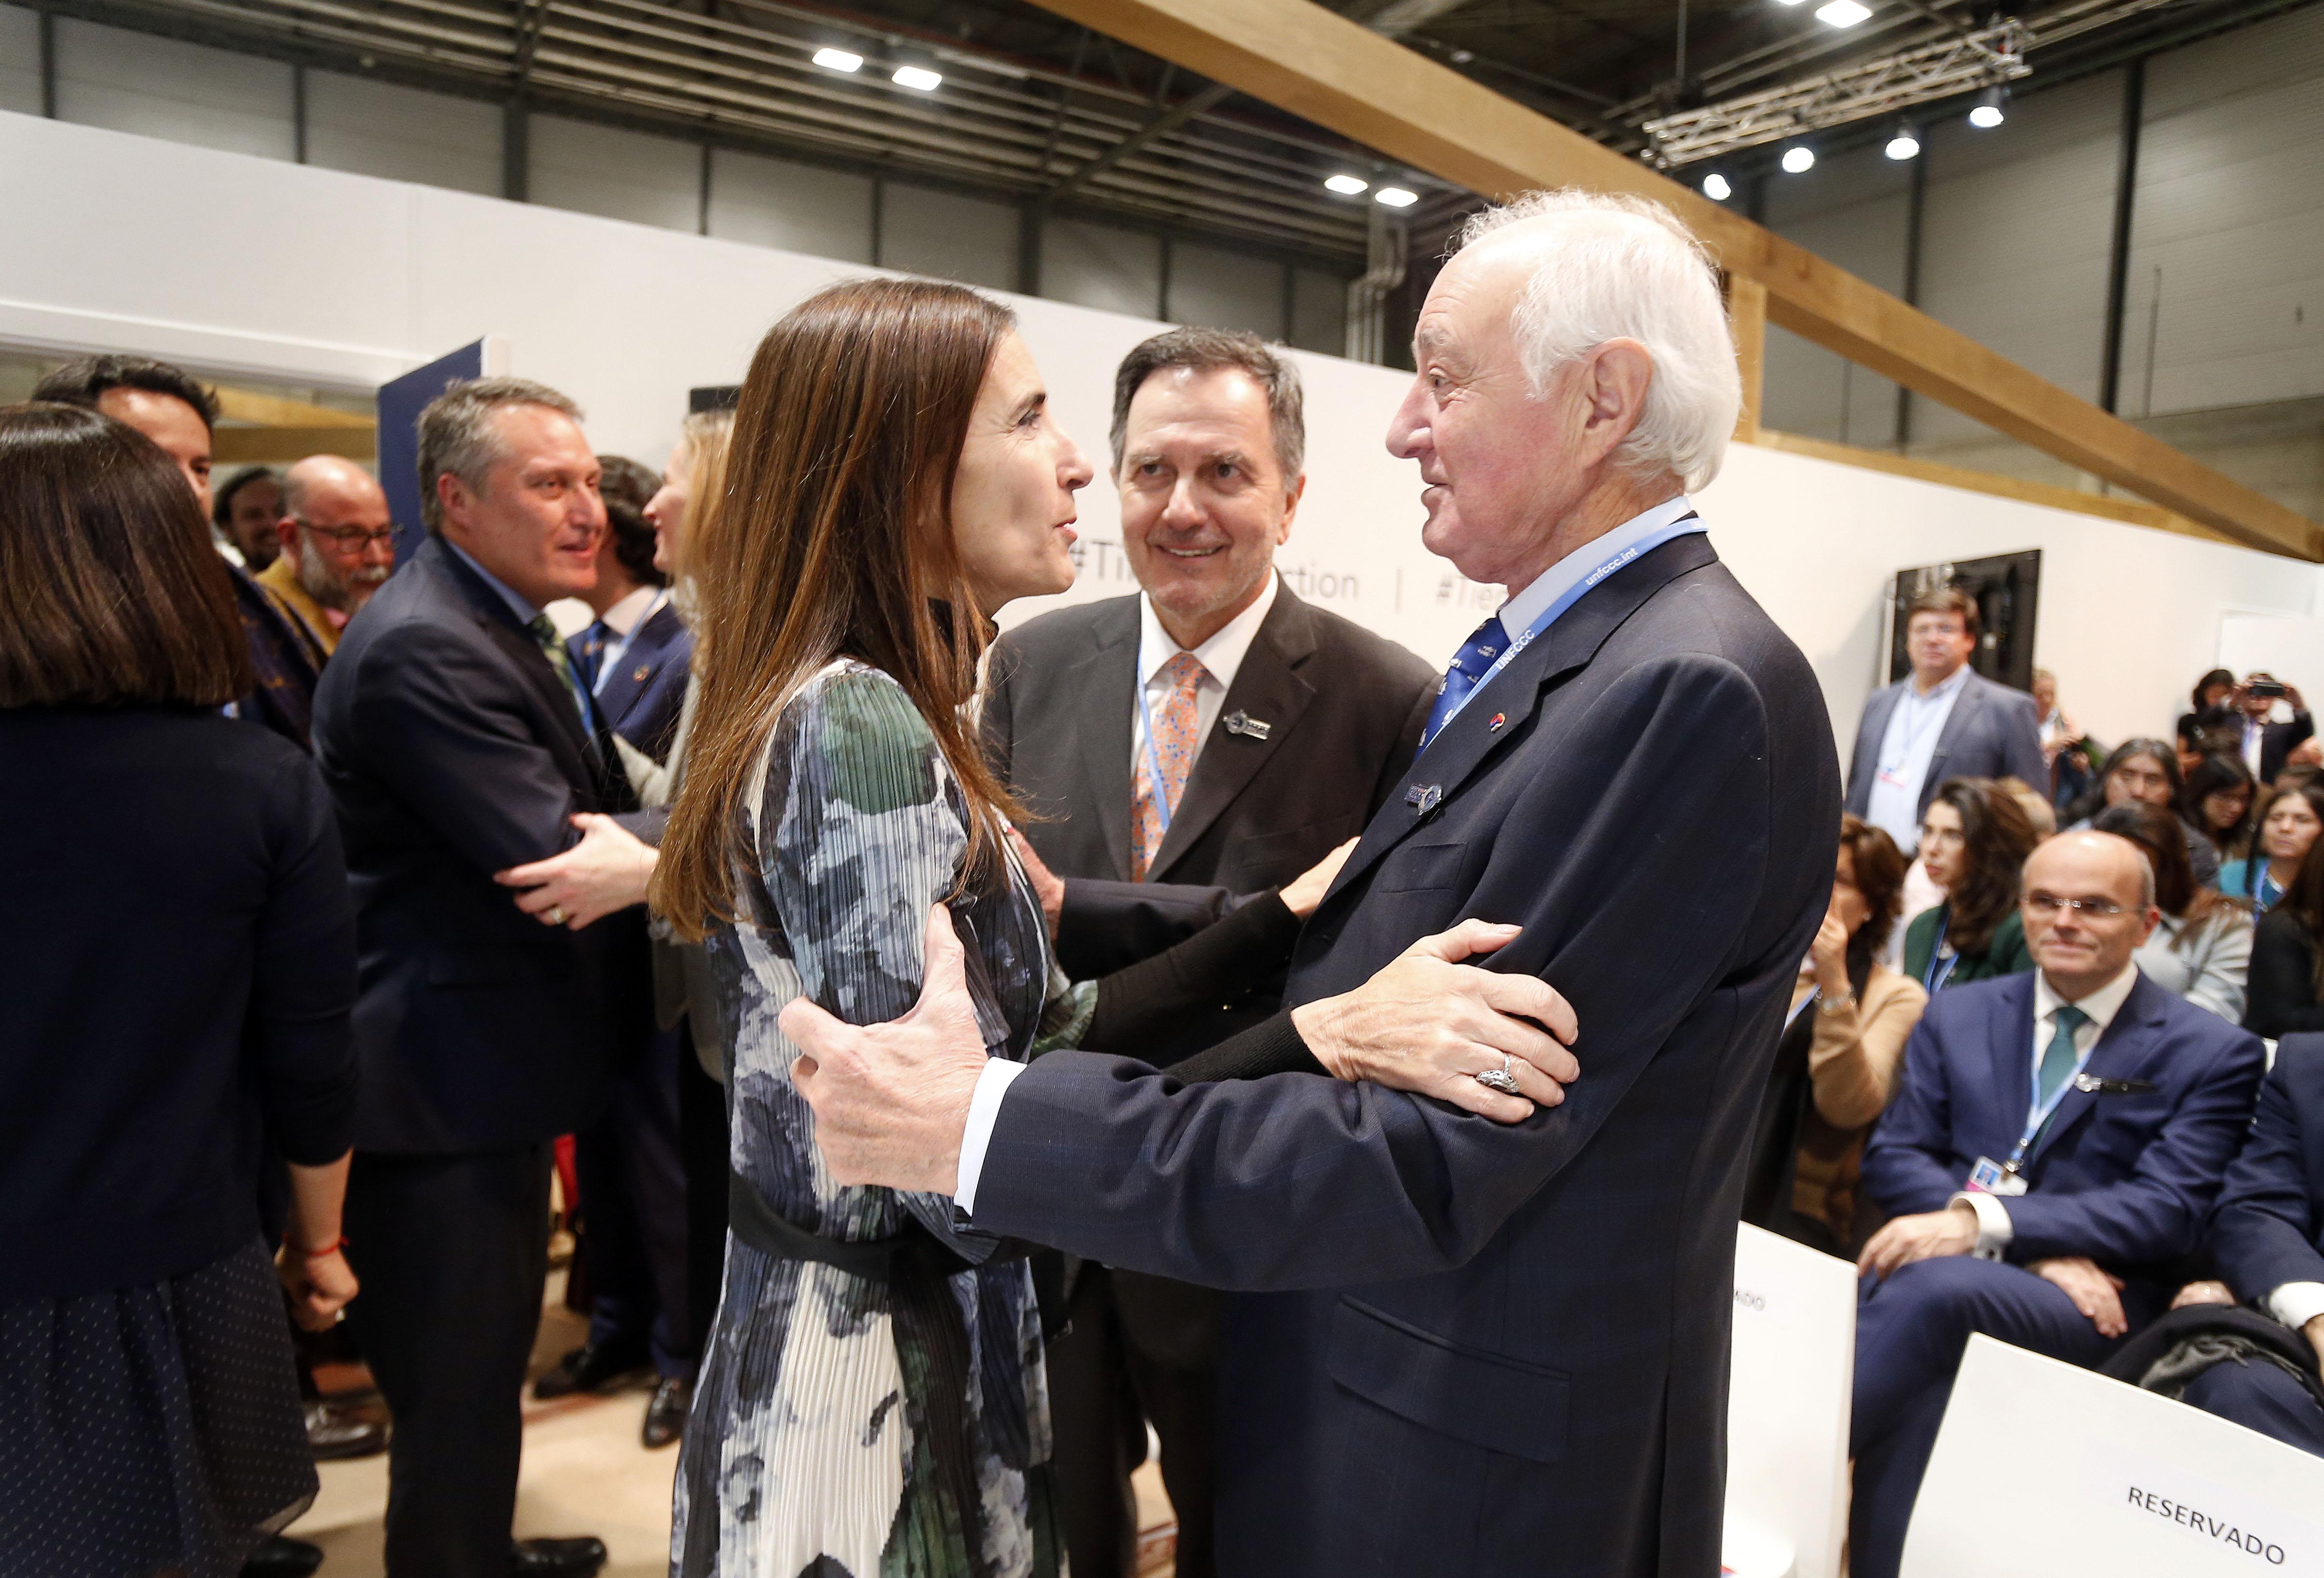 La ministra de Medio Ambiente chilena inauguró el Pabellón de Chile en la COP25 que se celebró en Madrid bajo su presidencia